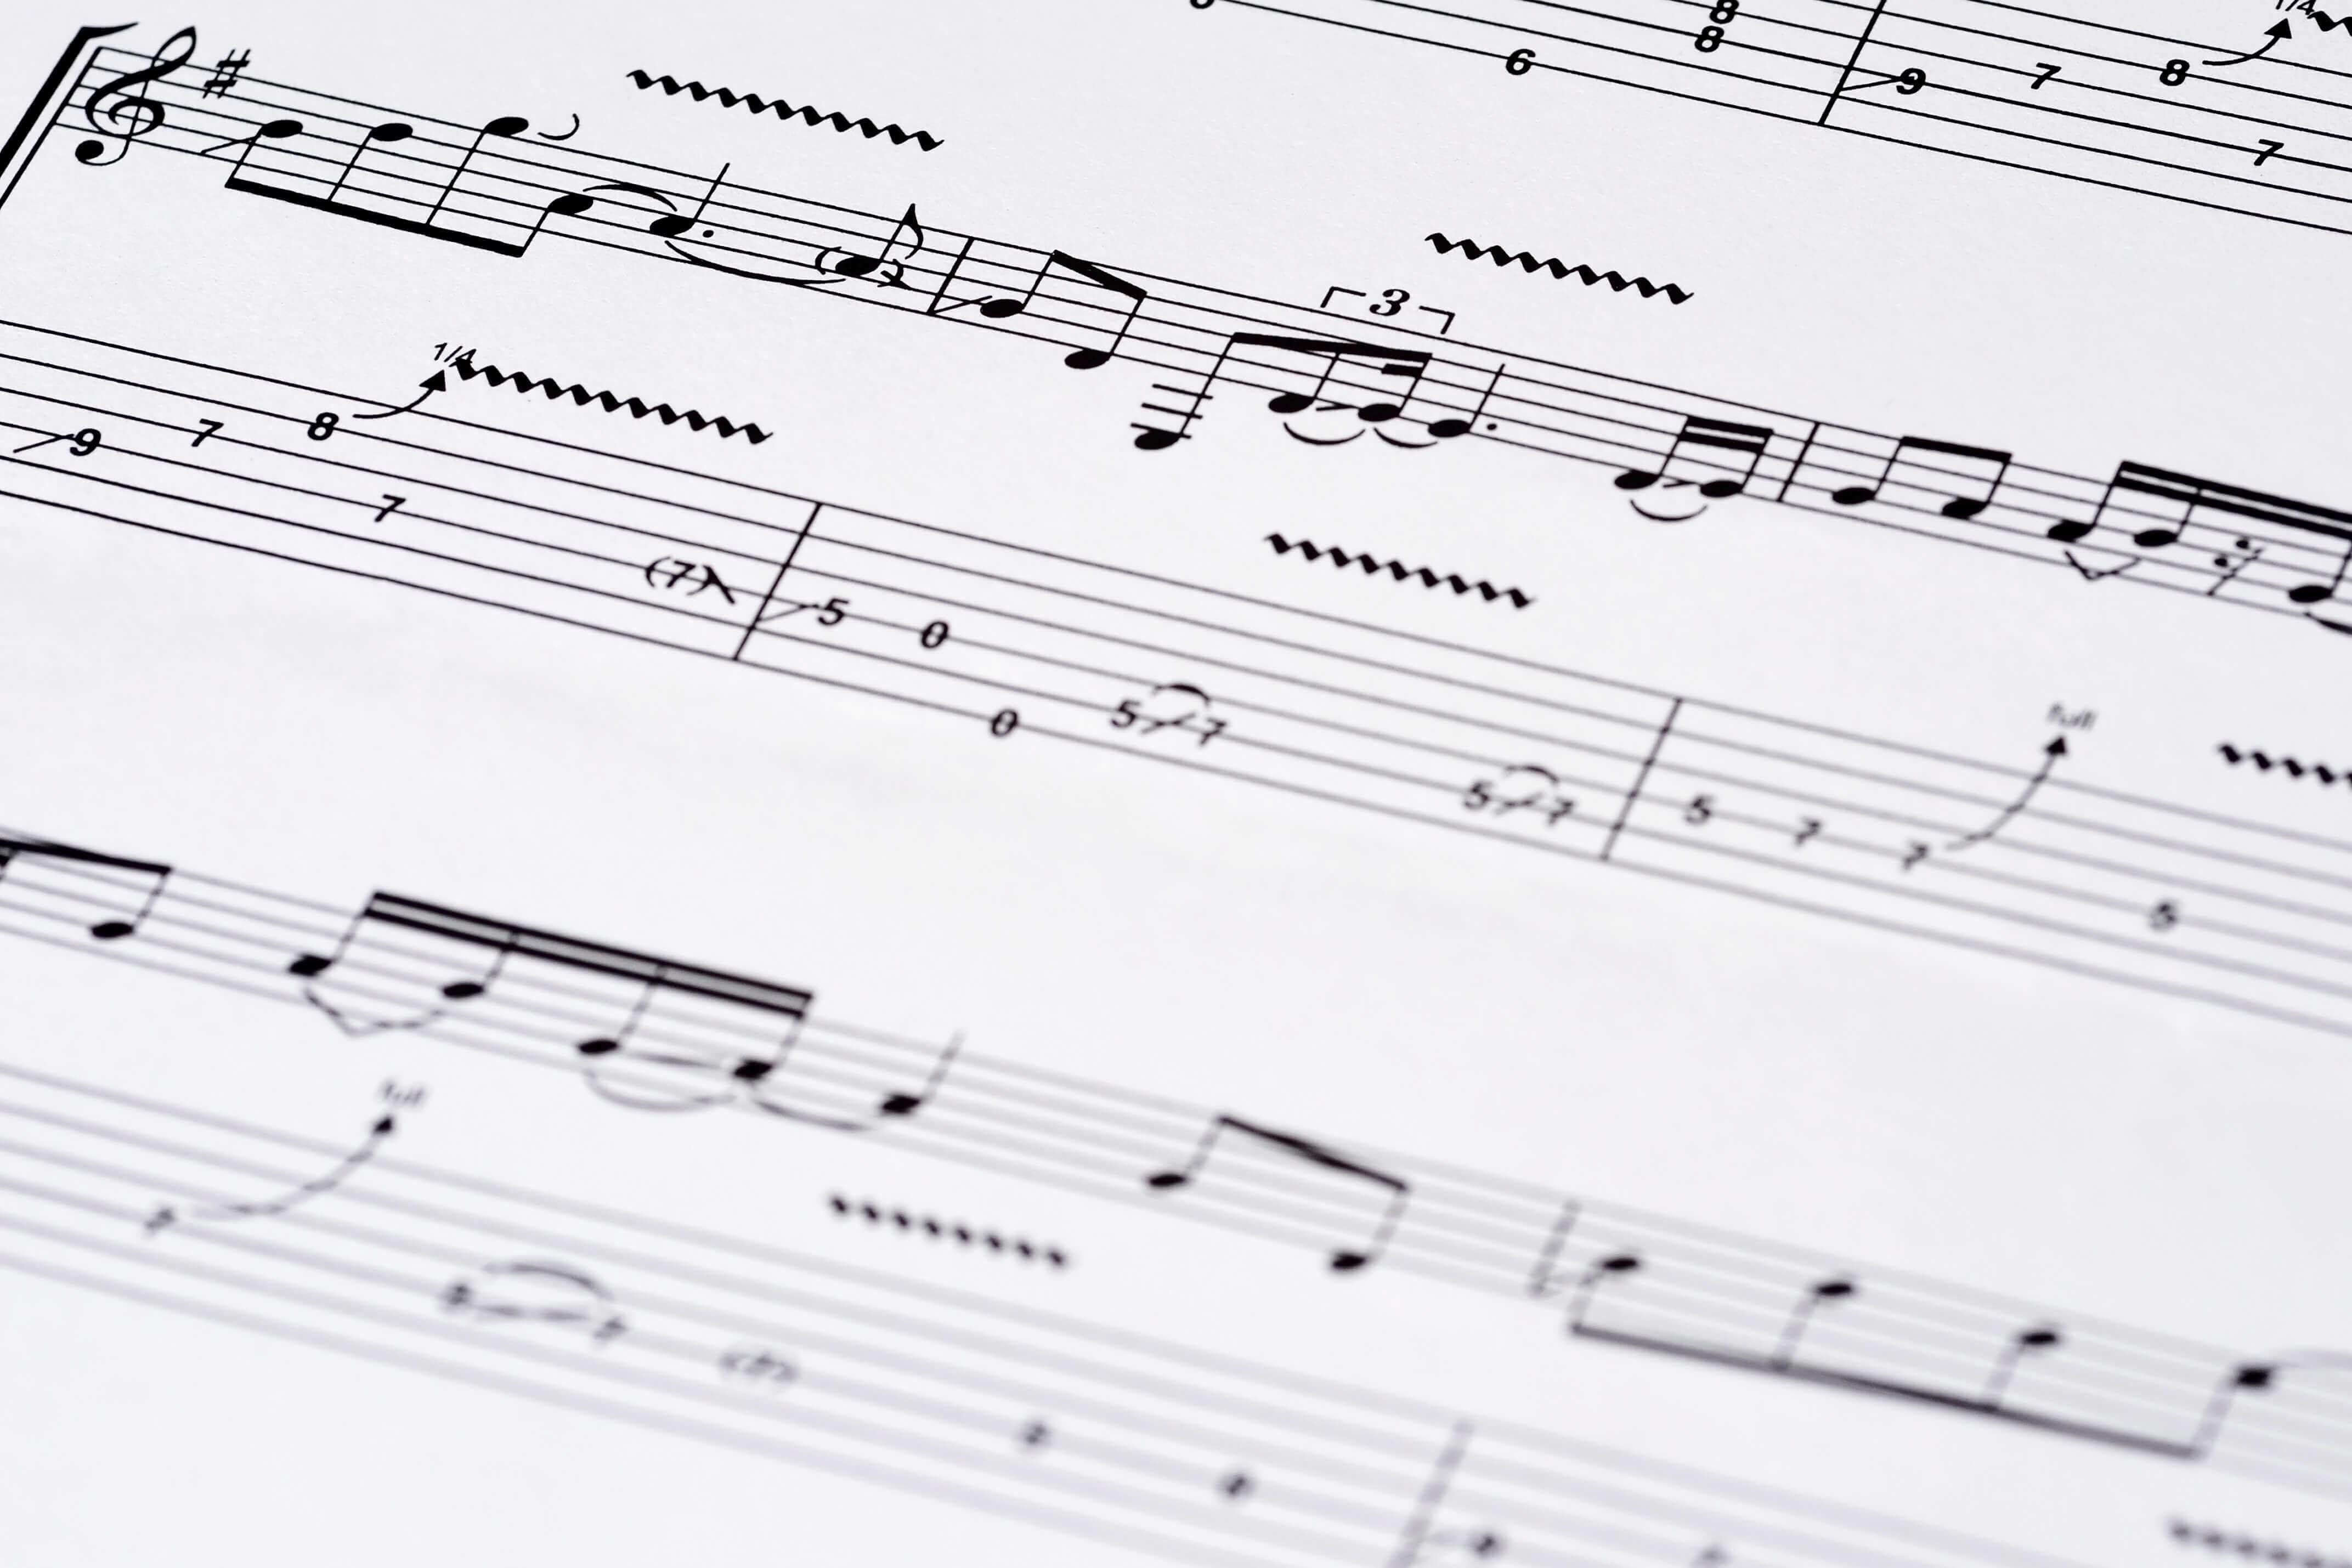 Tablature ukulele vierge